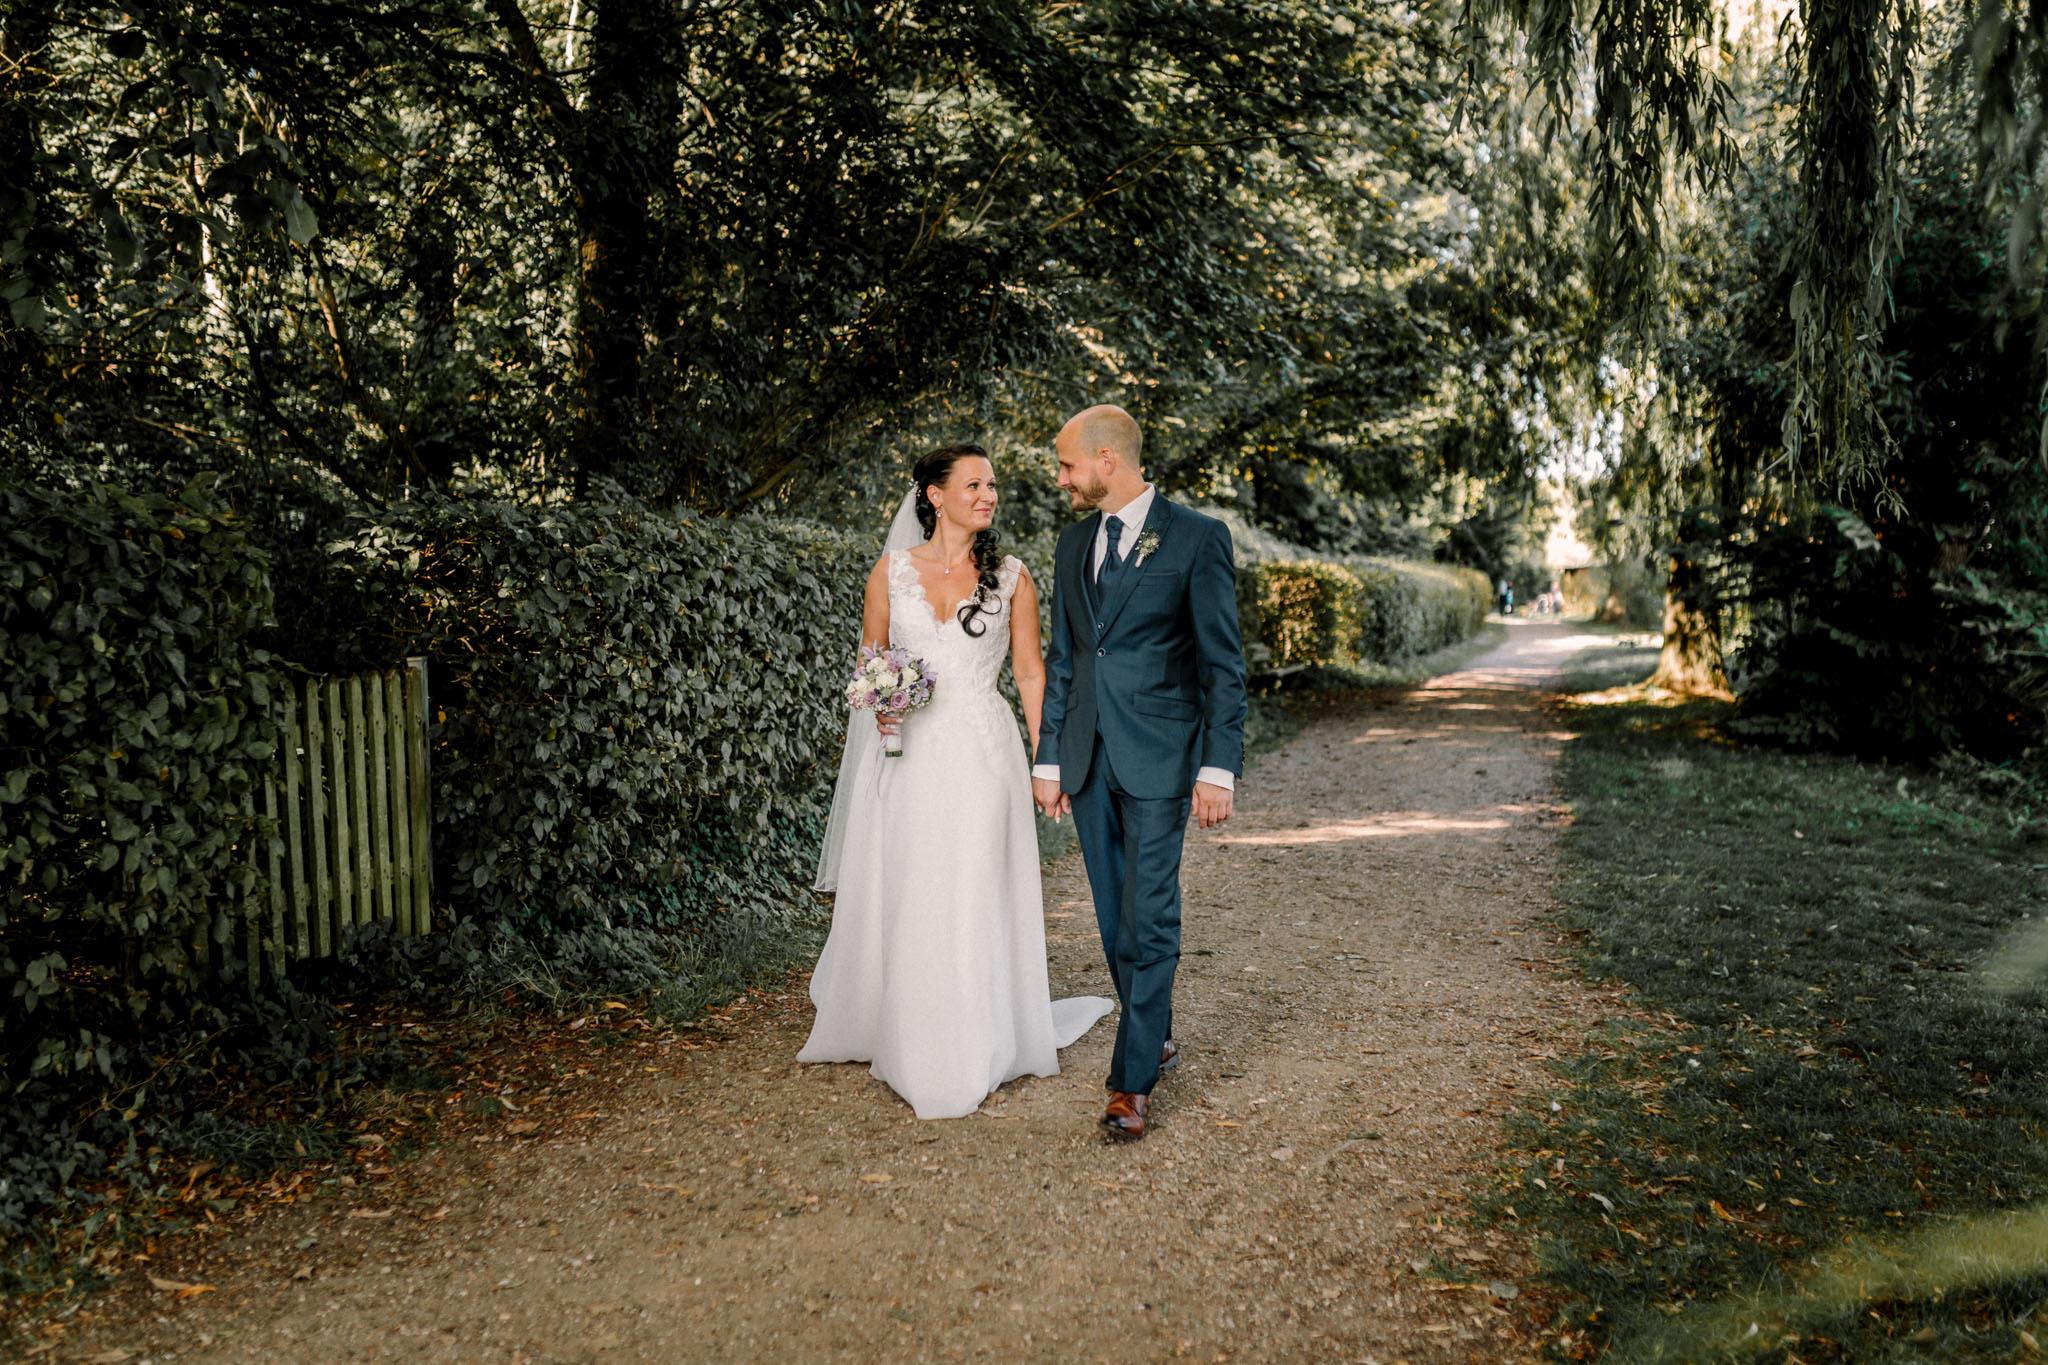 Hochzeitsfieber by Photo-Schomburg, Hochzeitsfotograf, Hamburg,Hochzeitstag, Hochzeitspaar, Braut, Bräutigam, Literaturhauscafe Zarrentin-75